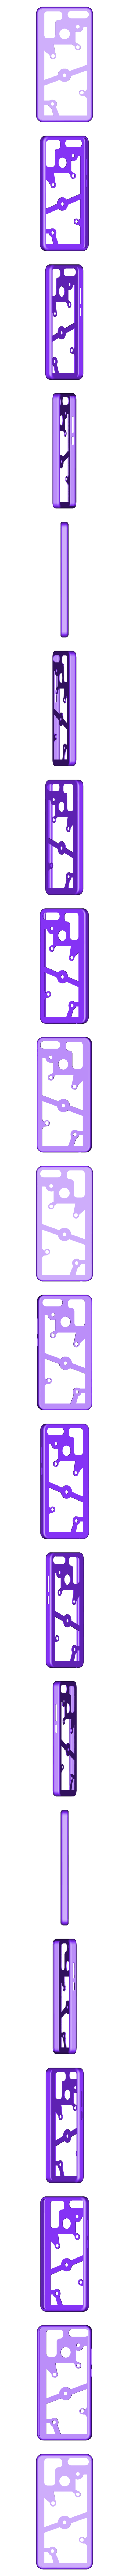 cover diciamo definitiva.stl Télécharger fichier STL gratuit xiaomi mi A1 cover • Objet imprimable en 3D, Delli98